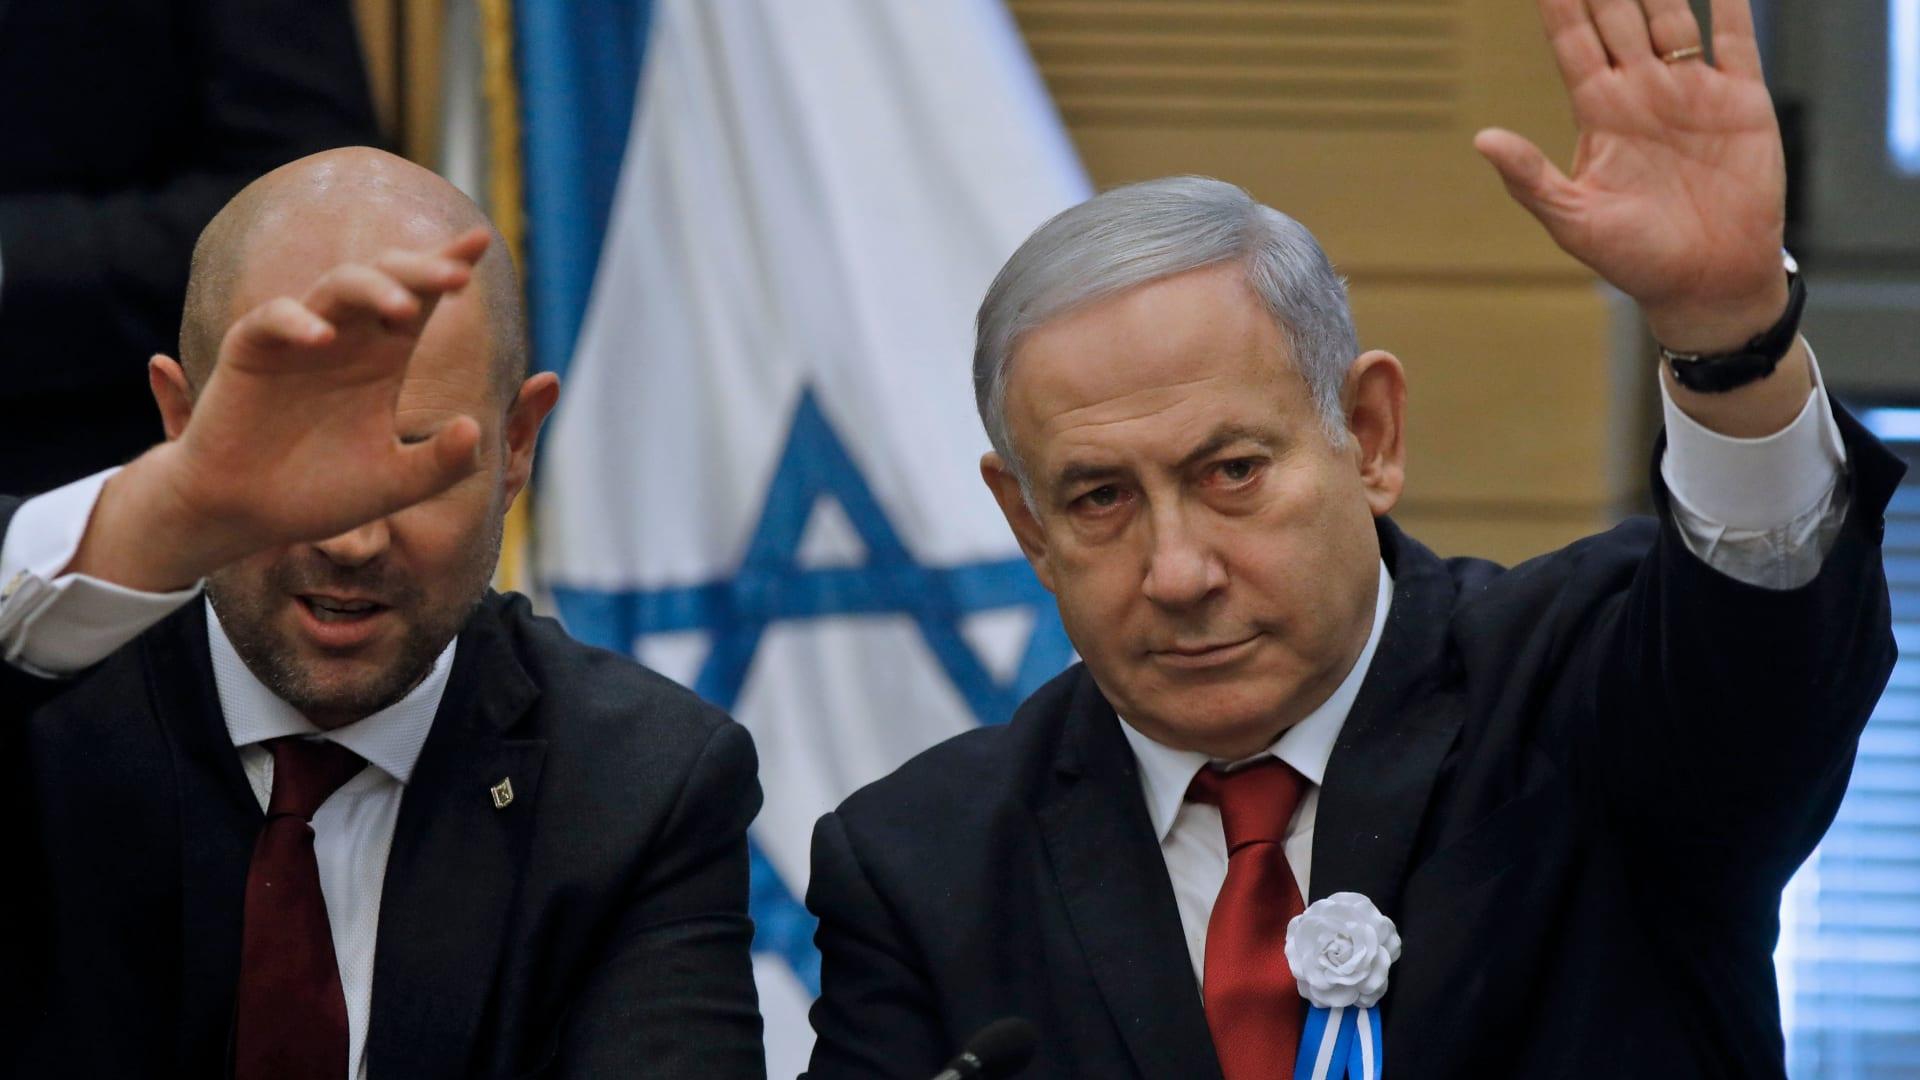 ما هو سبب تكليف نتنياهو بتشكيل حكومة رغم تقدم غانتز؟